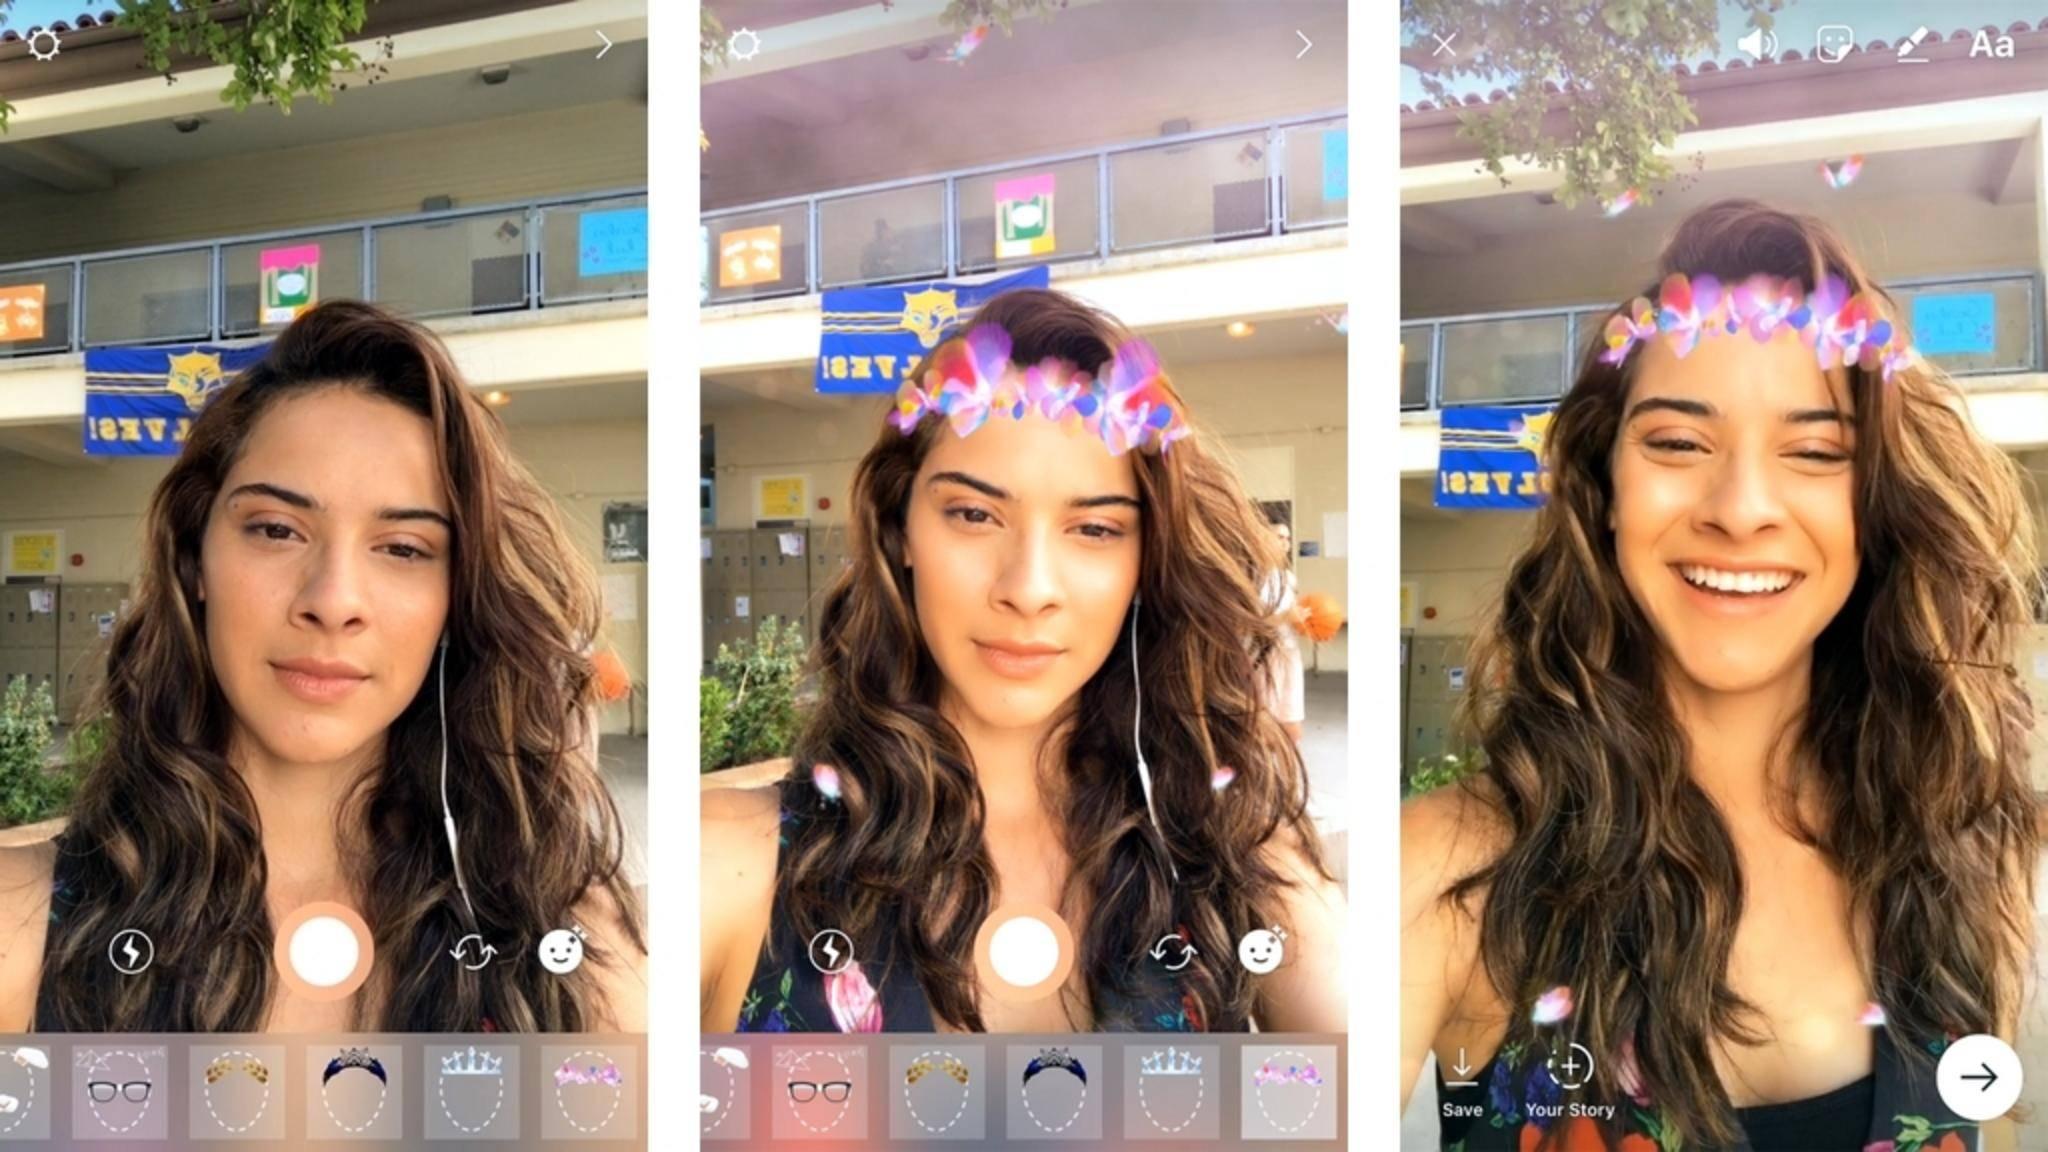 Instagram bietet unzählige Filter – auch für Selfies.